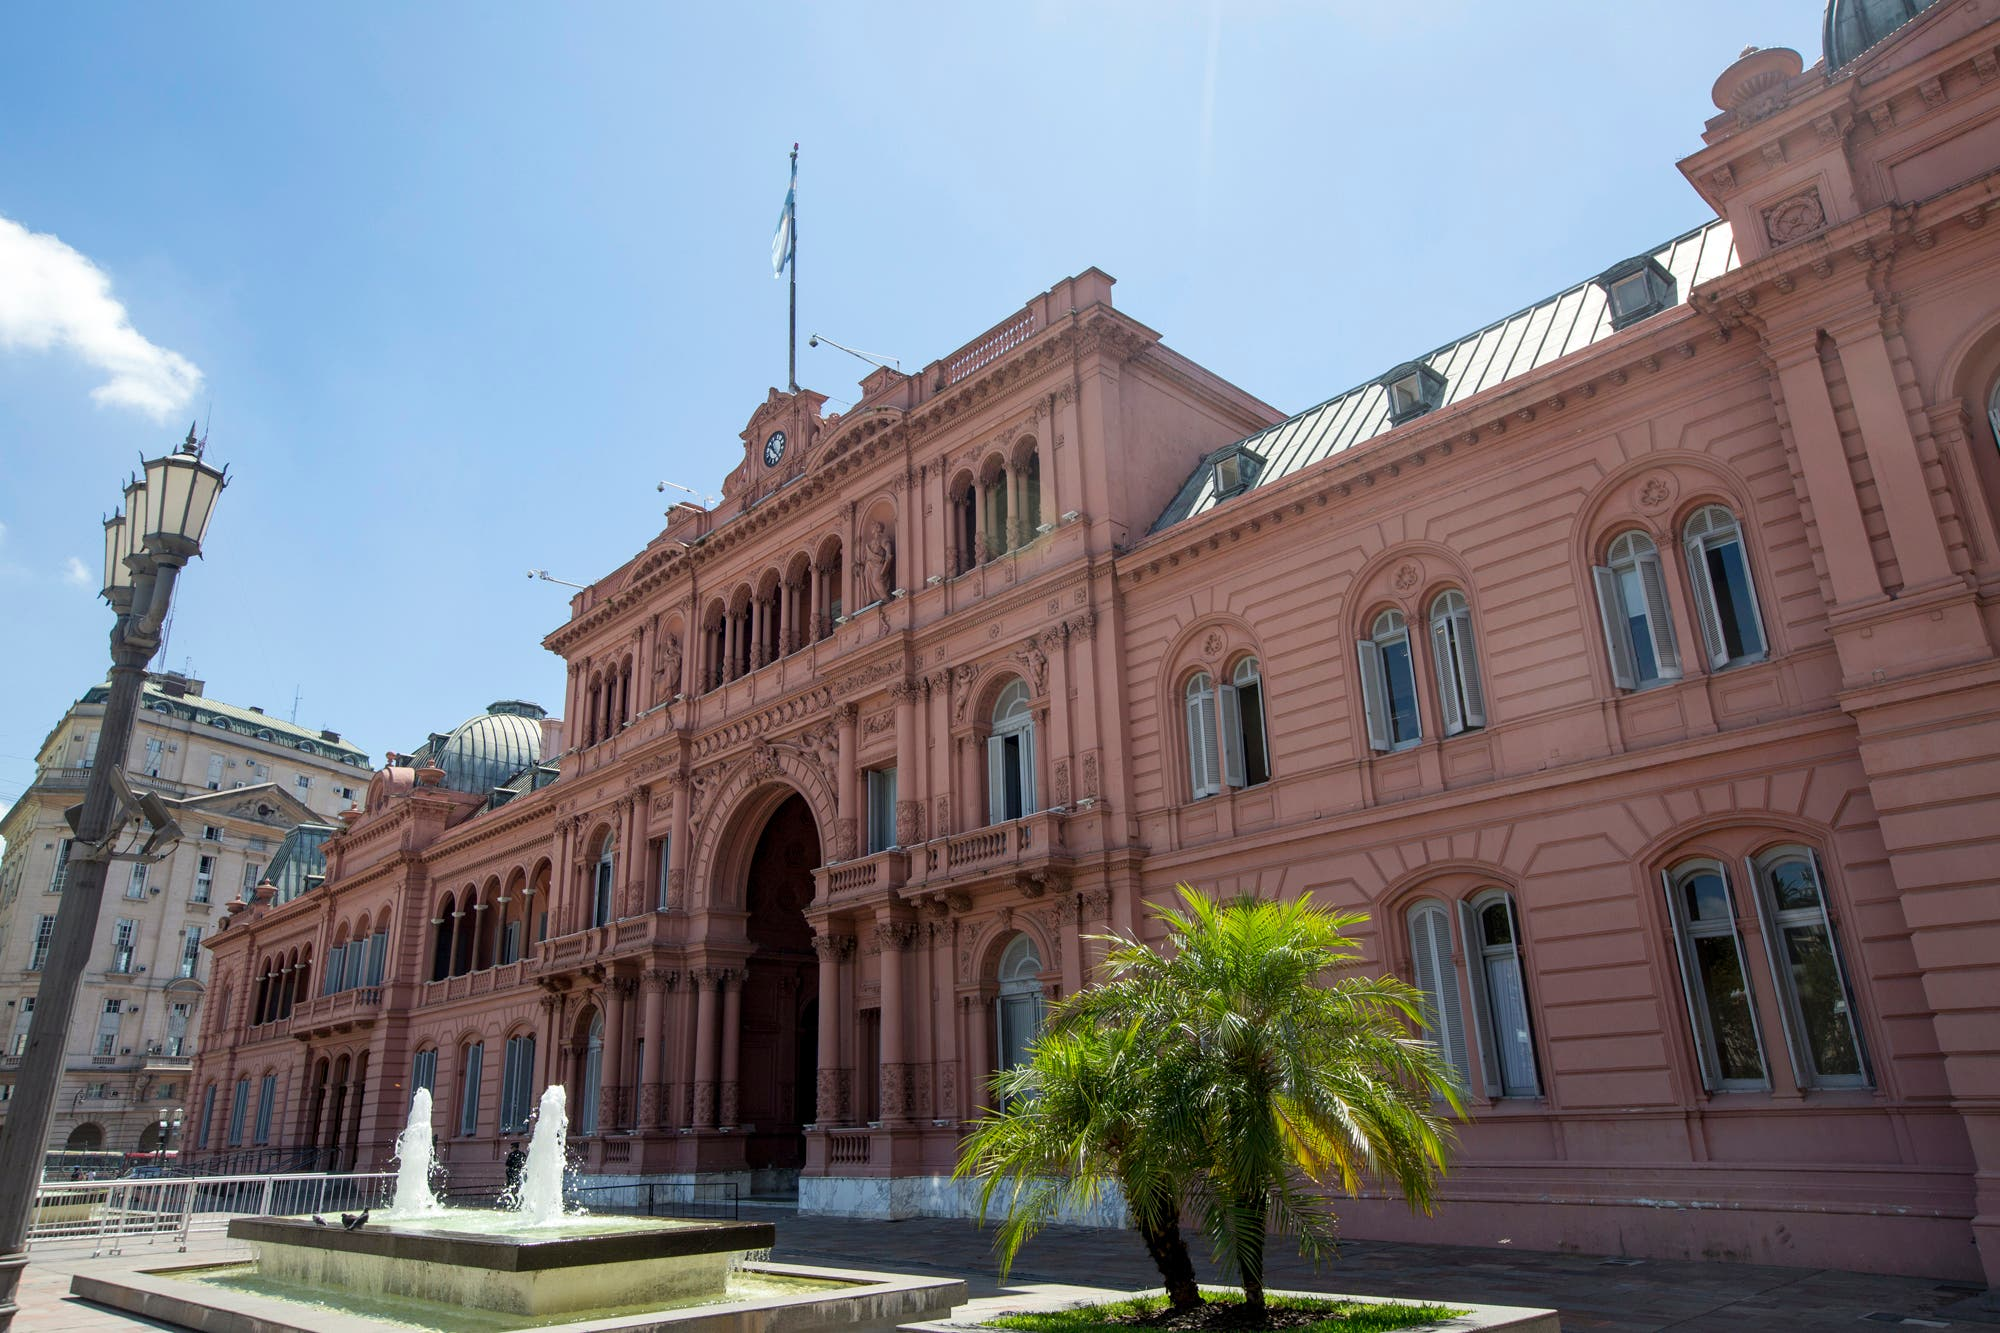 El Gobierno oficializó la fusión de algunos ministerios